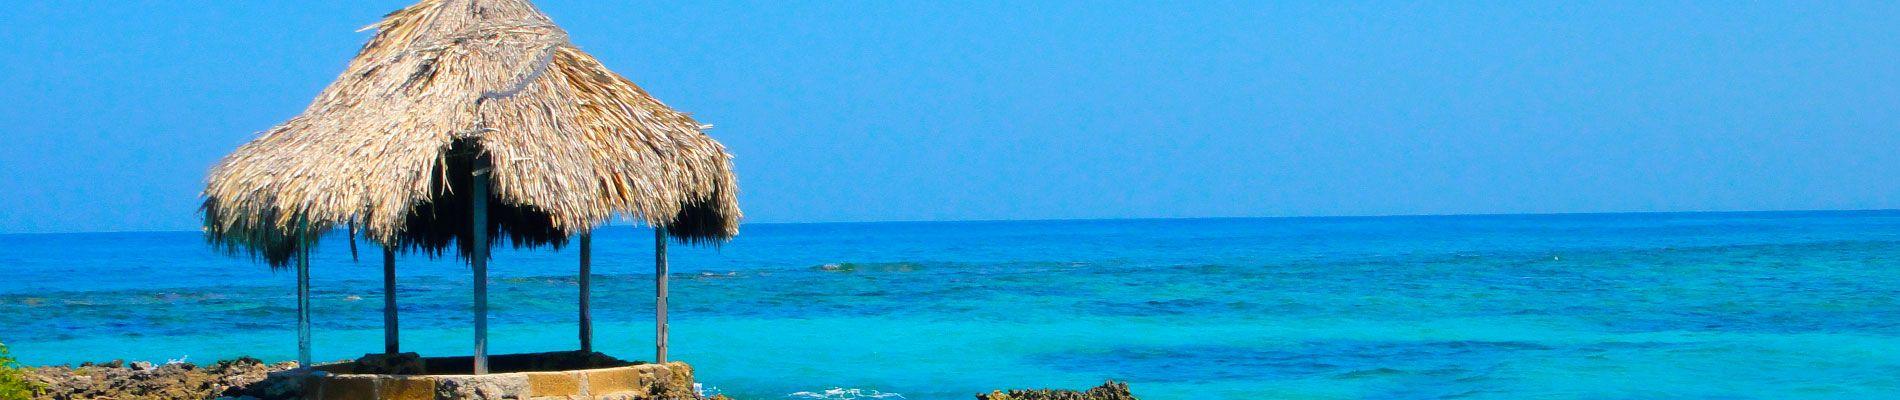 colombie-archipel-rosaire-caraibes(1)